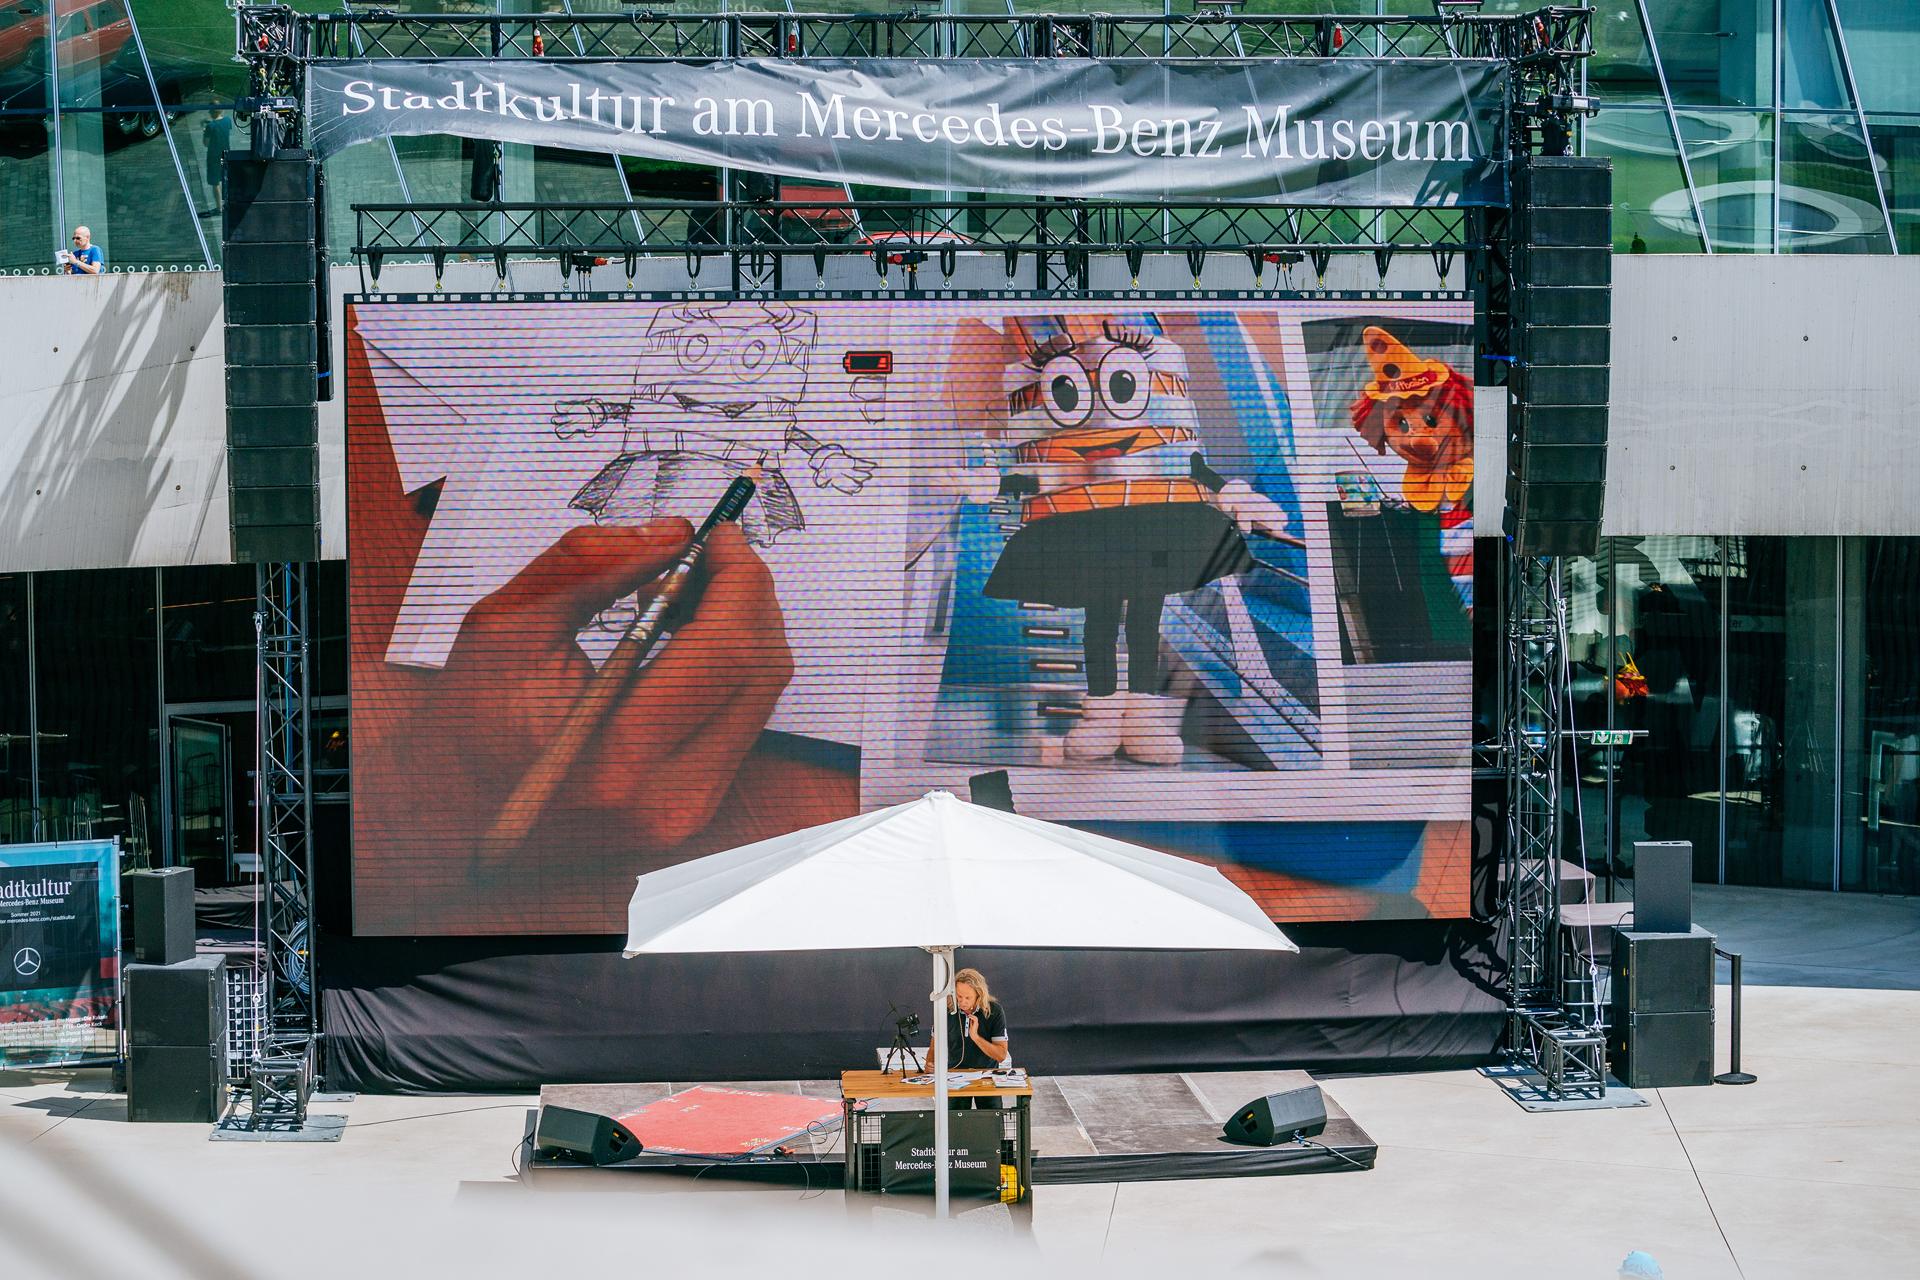 """""""Stadtkultur am Mercedes-Benz Museum"""", Kinderzeichenkurs am 18. Juli 2021 mit Gecko Keck sowie den Maskottchen Luftikus und Carlotta auf der Open Air Bühne am Museum."""